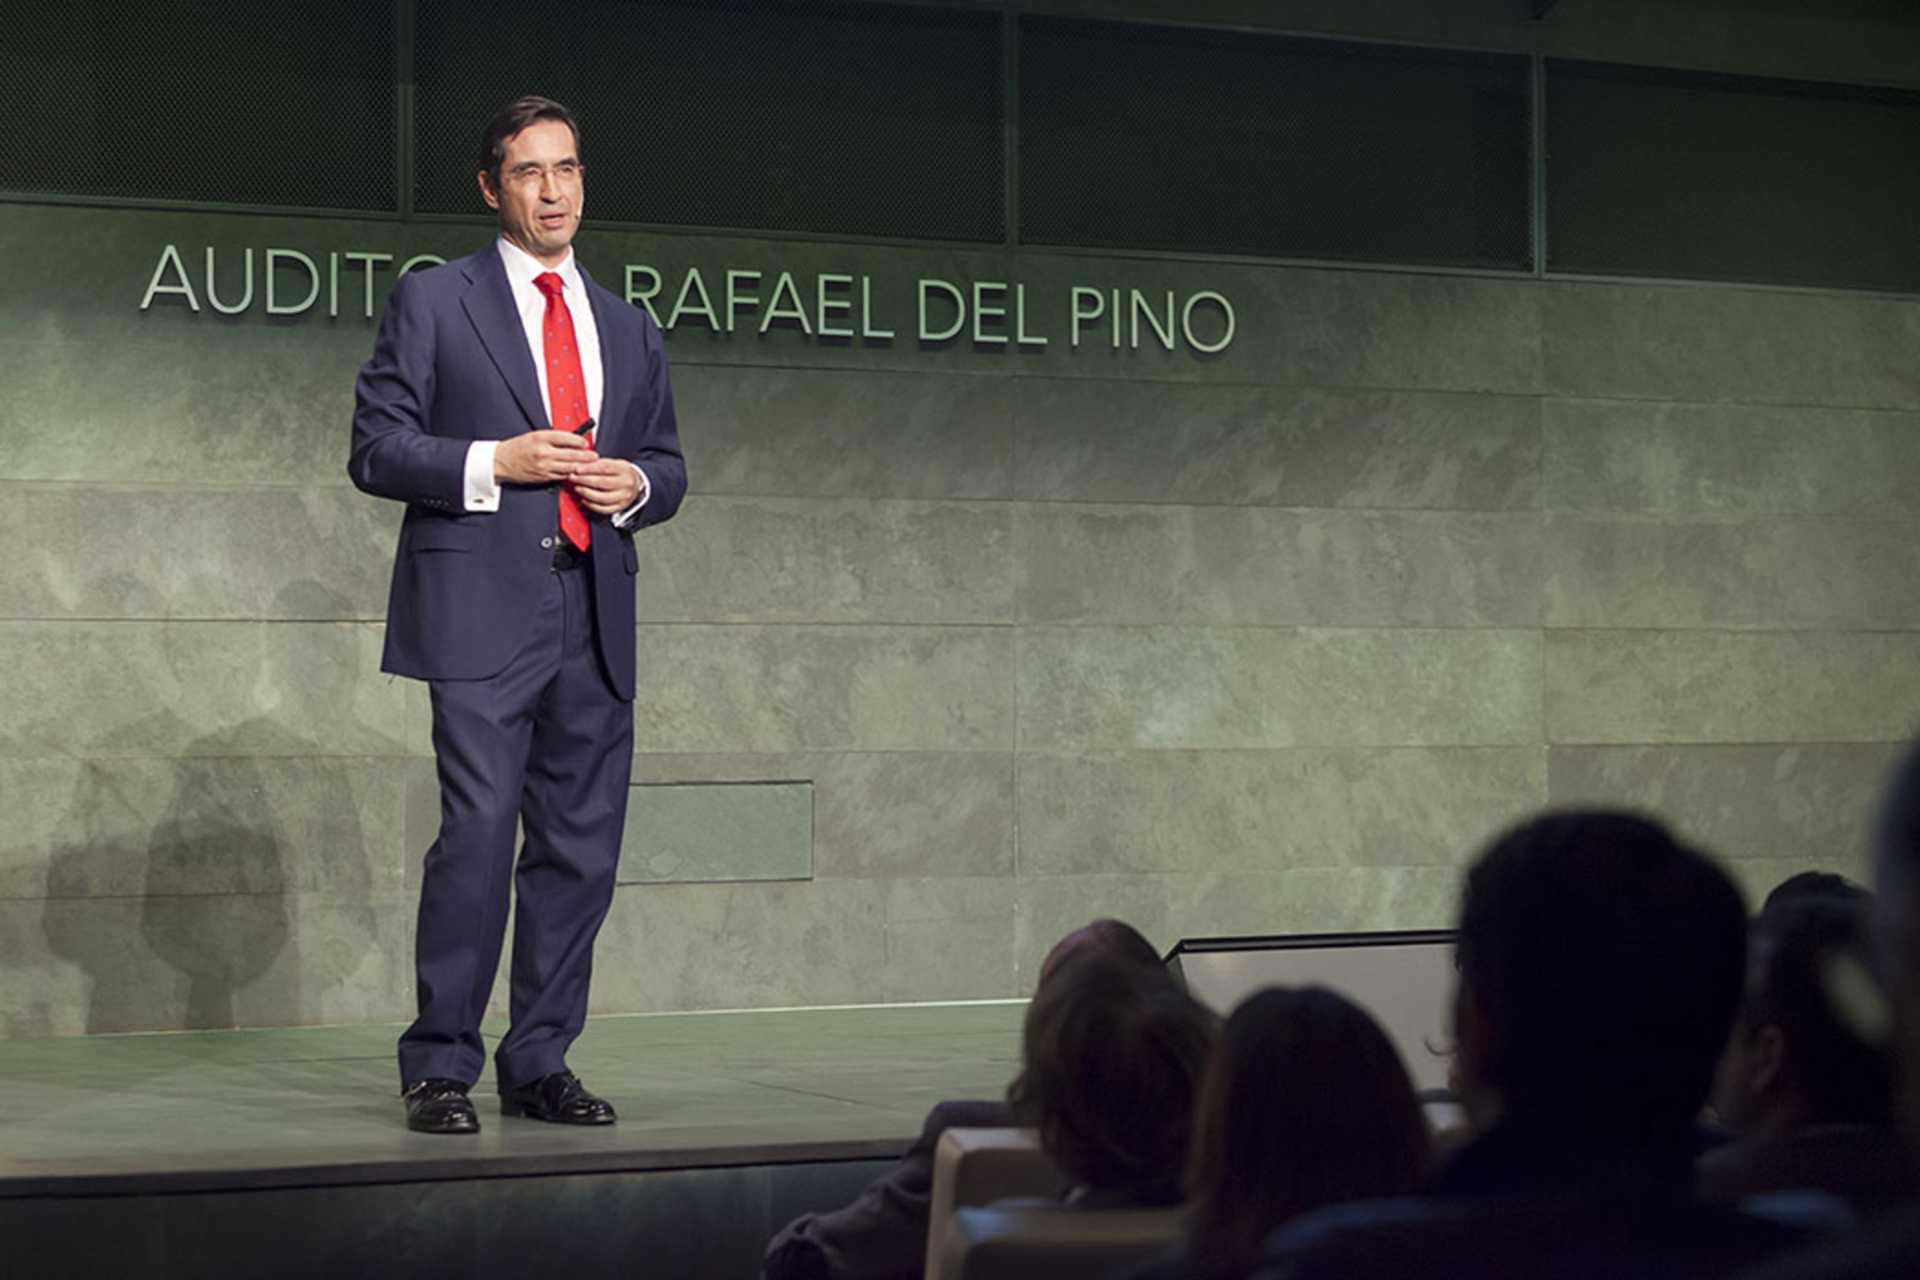 """La Fundación Rafael del Pino celebra la publicación del libro del doctor Mario Alonso """"El Cociente Agallas"""", en Madrid el 11 de Diciembre de 2013."""